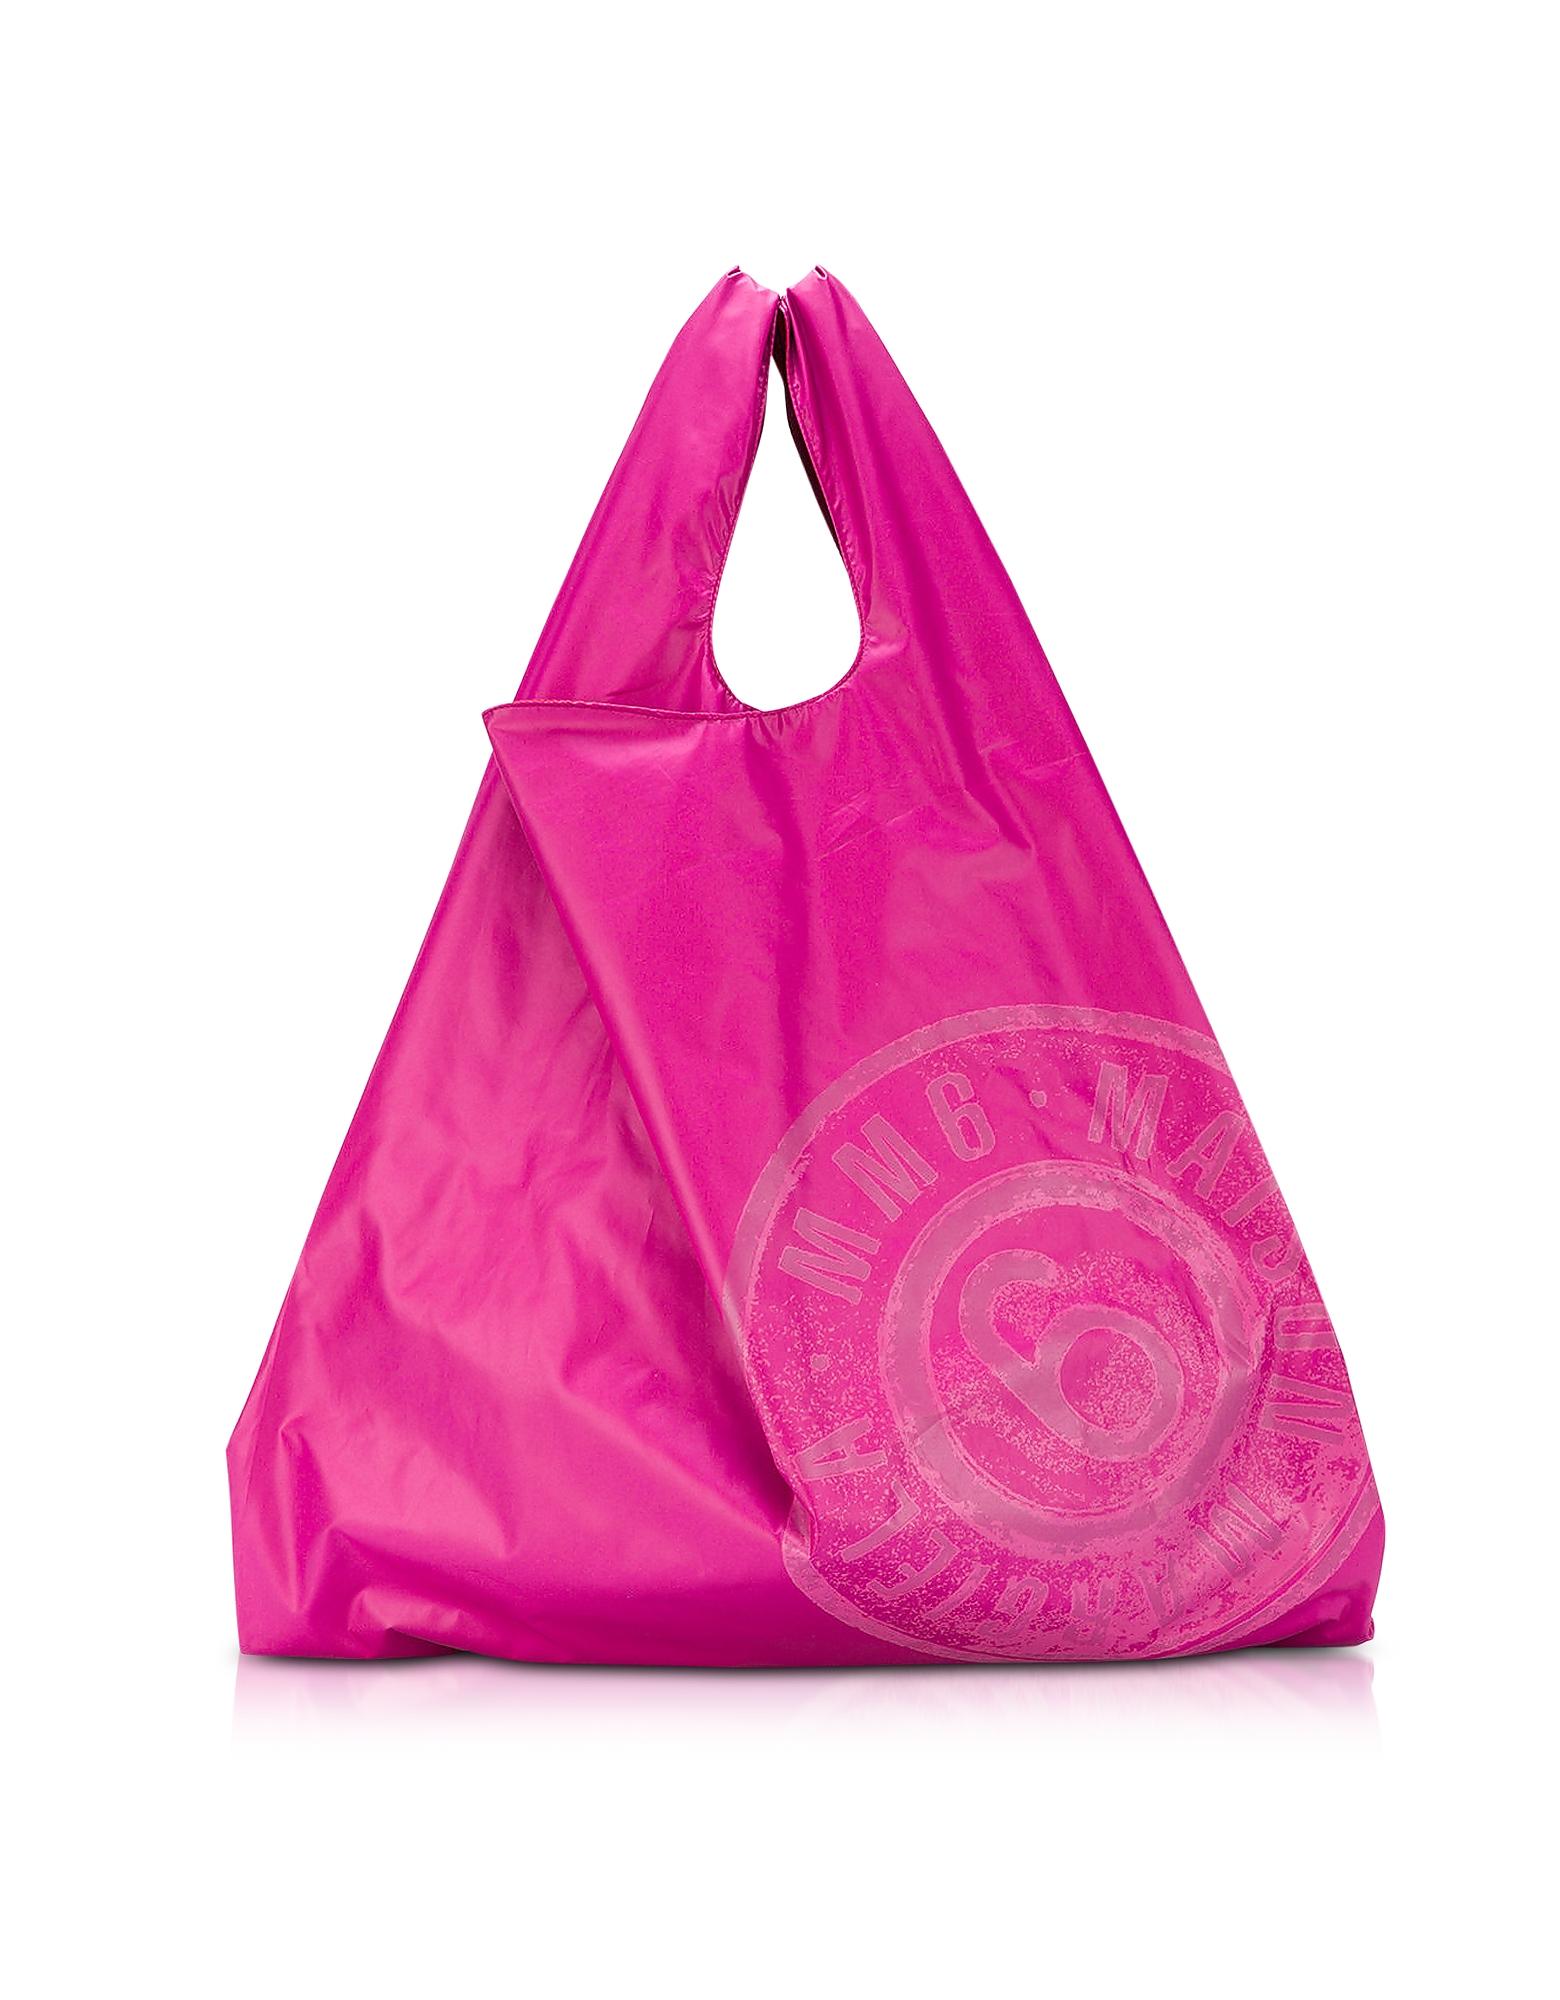 Market Bag - Двухсторонняя Розовая и Красная Сумка из Нейлона с Логотипом